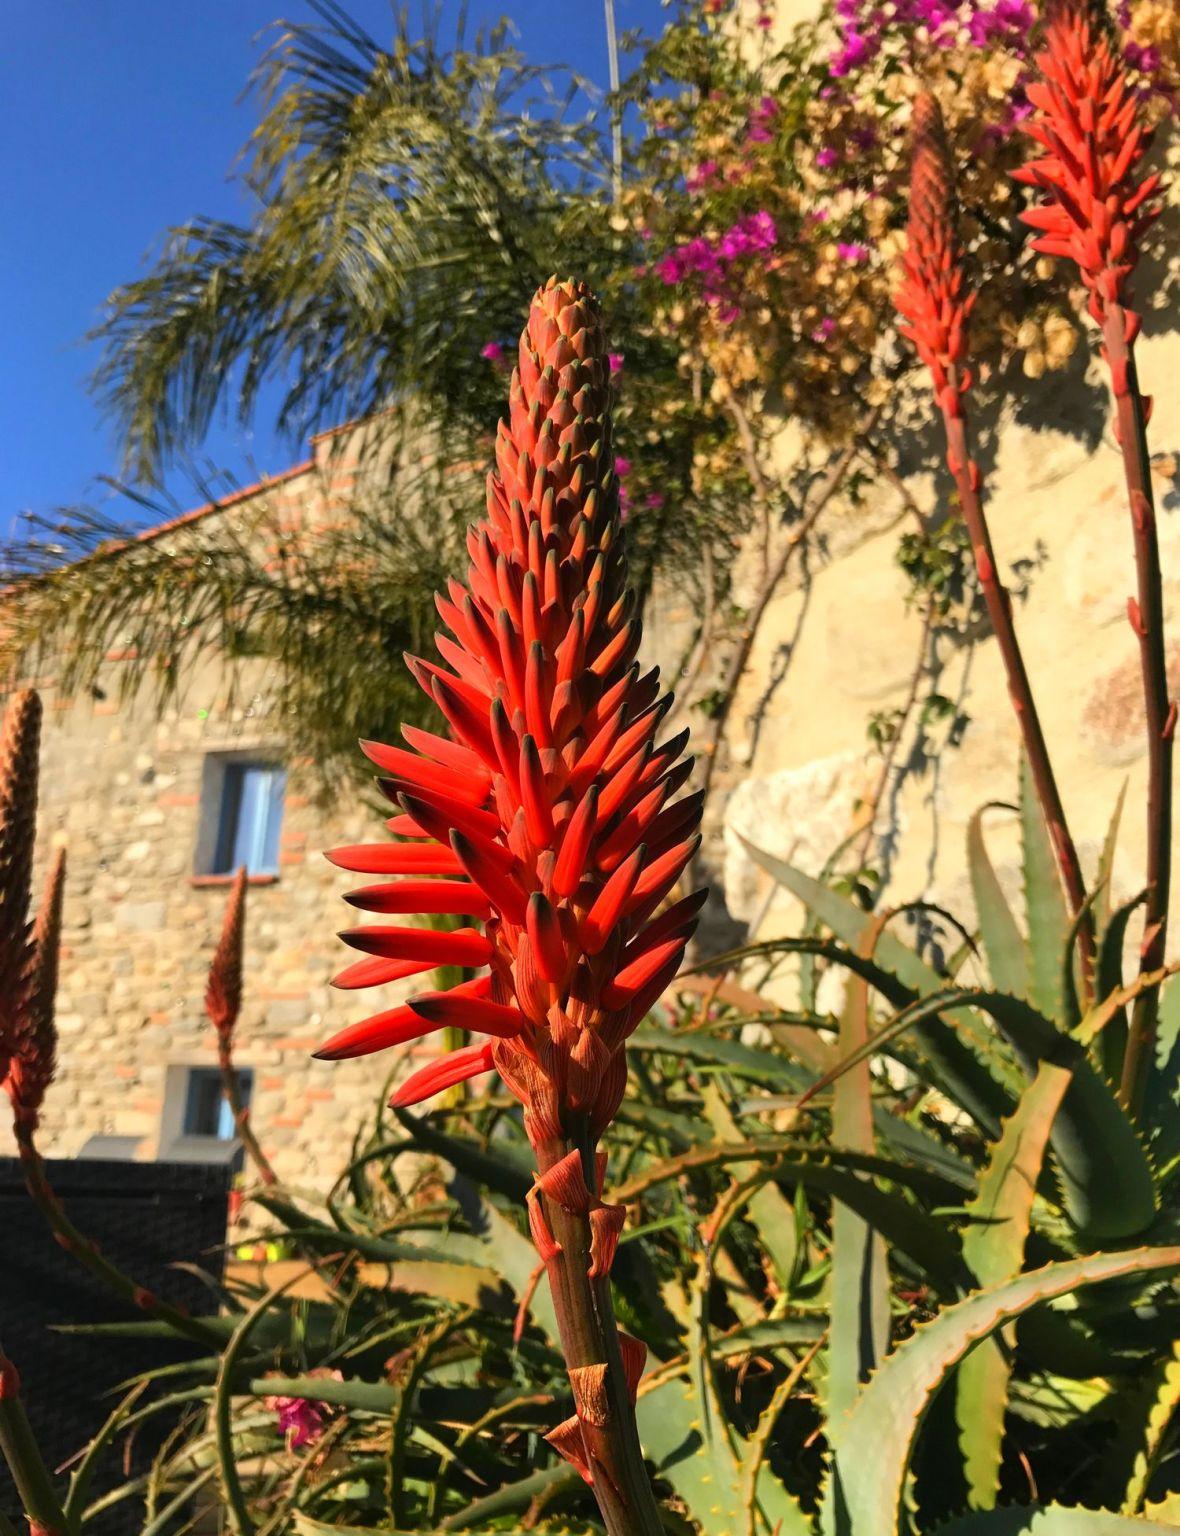 Jardin exotique d'Eus - Pyrénées Orientales